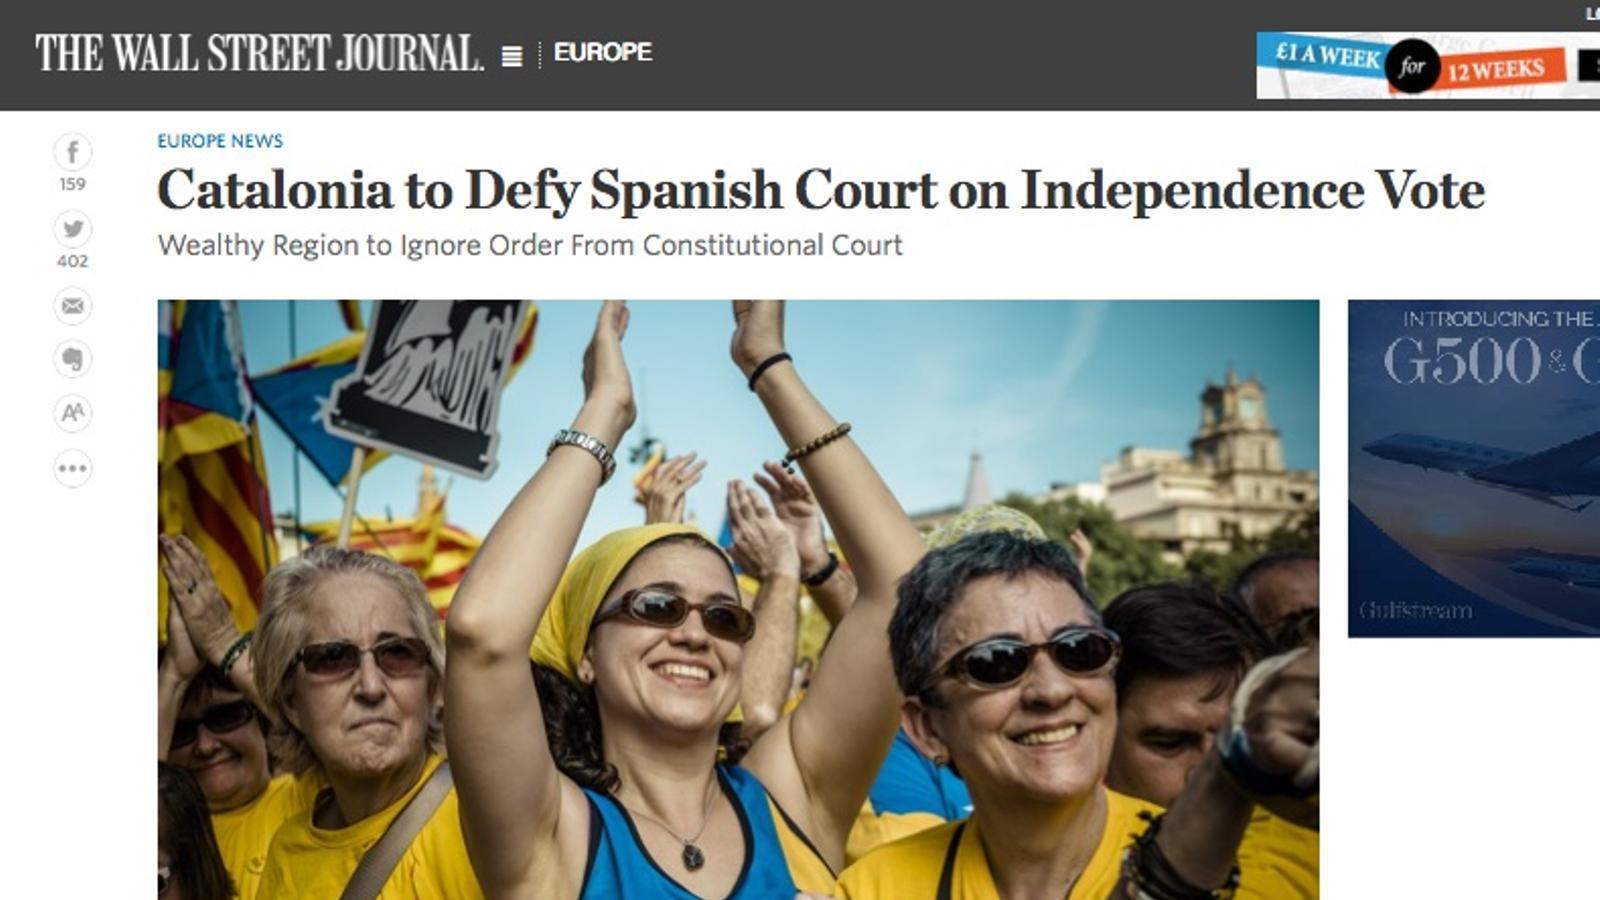 """""""Catalunya desafiarà el tribunal espanyol amb una votació per la independència"""", a 'The Wall Street Journal"""""""